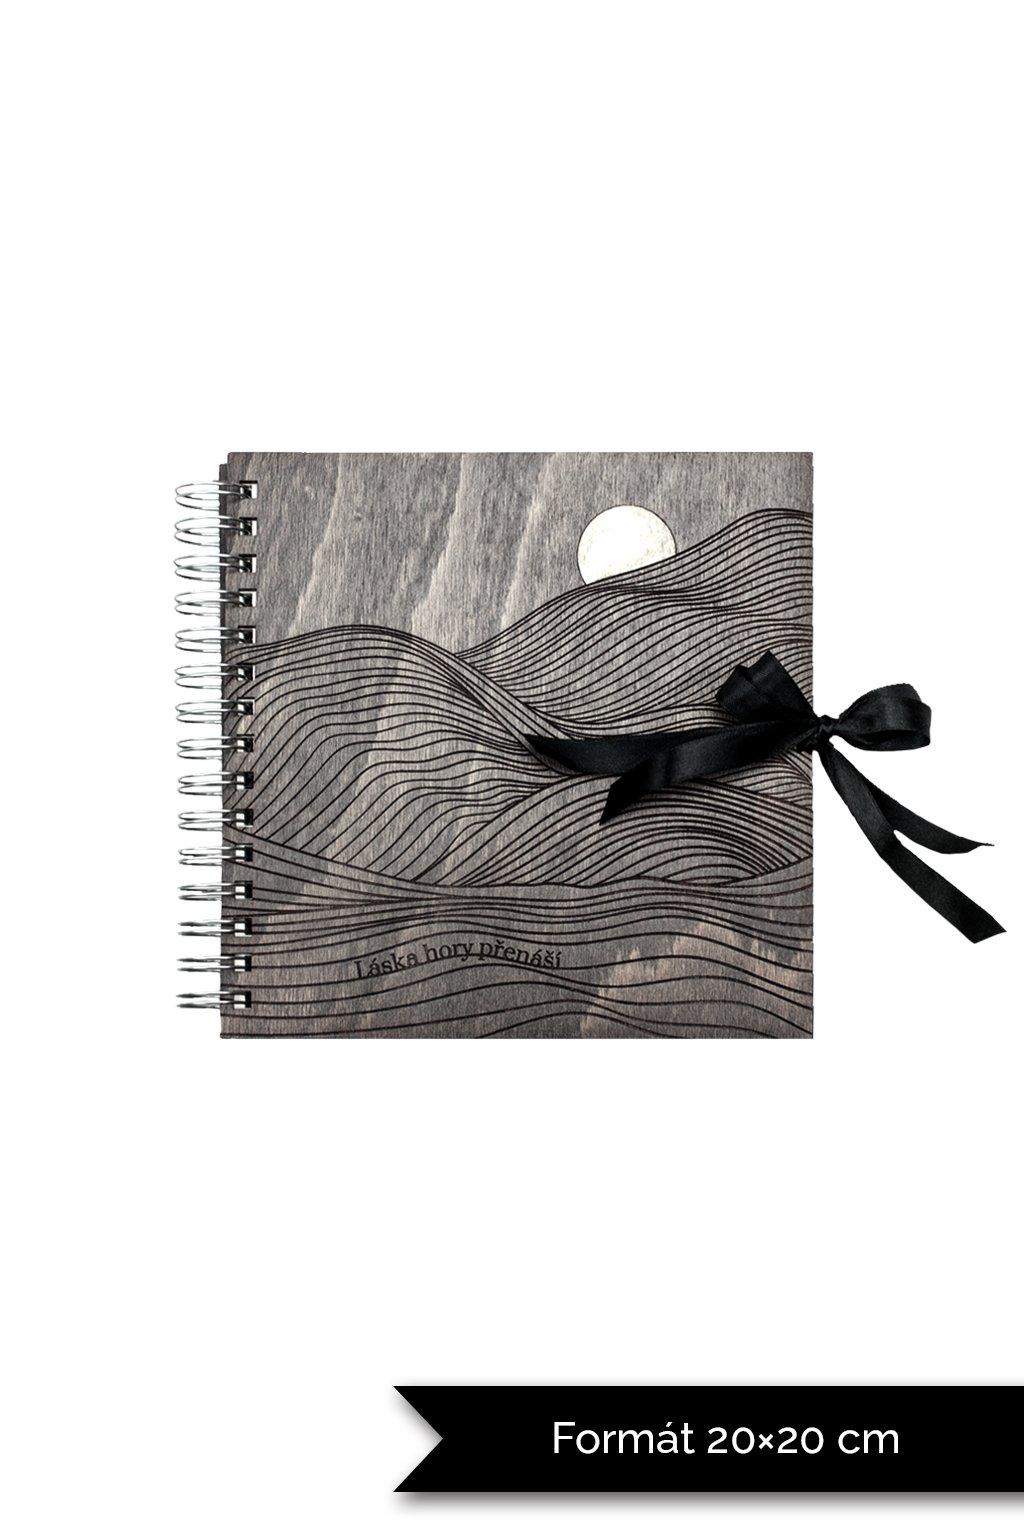 JAATY_elegantni-drevene-klasicke-fotoalbum-laska-hory-prenasi